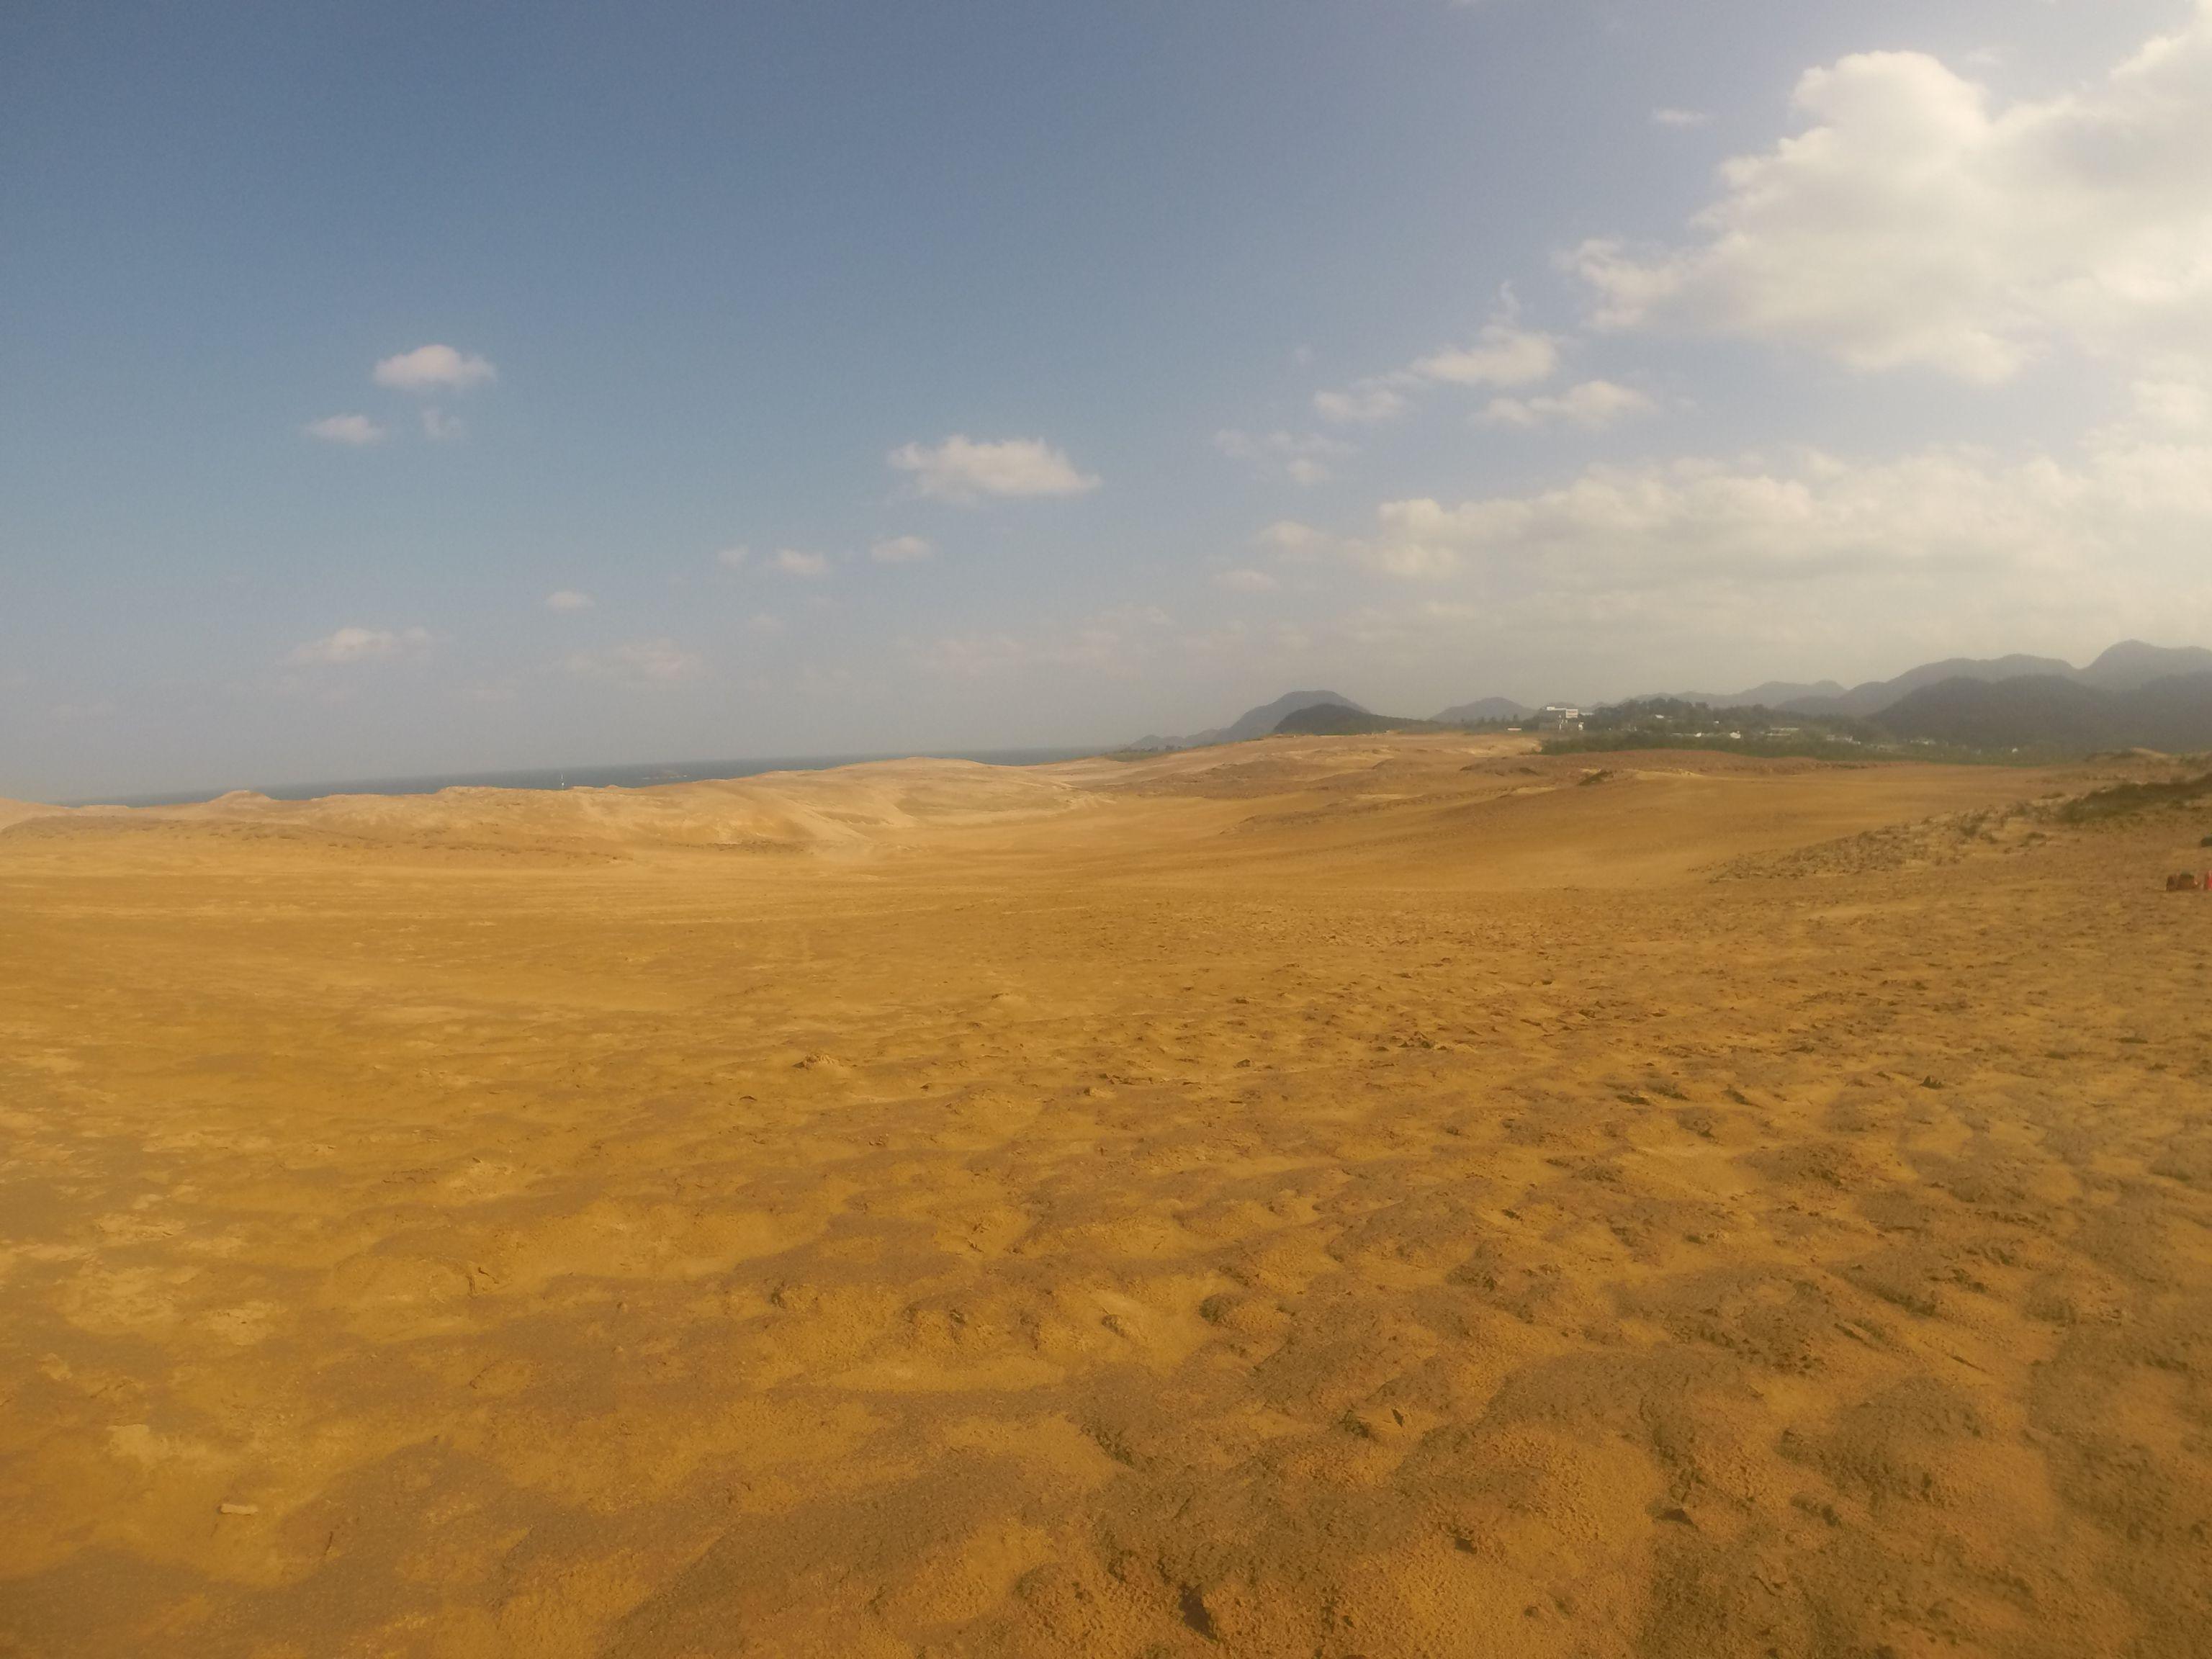 たっぷり雨が降って湿っている砂丘の砂